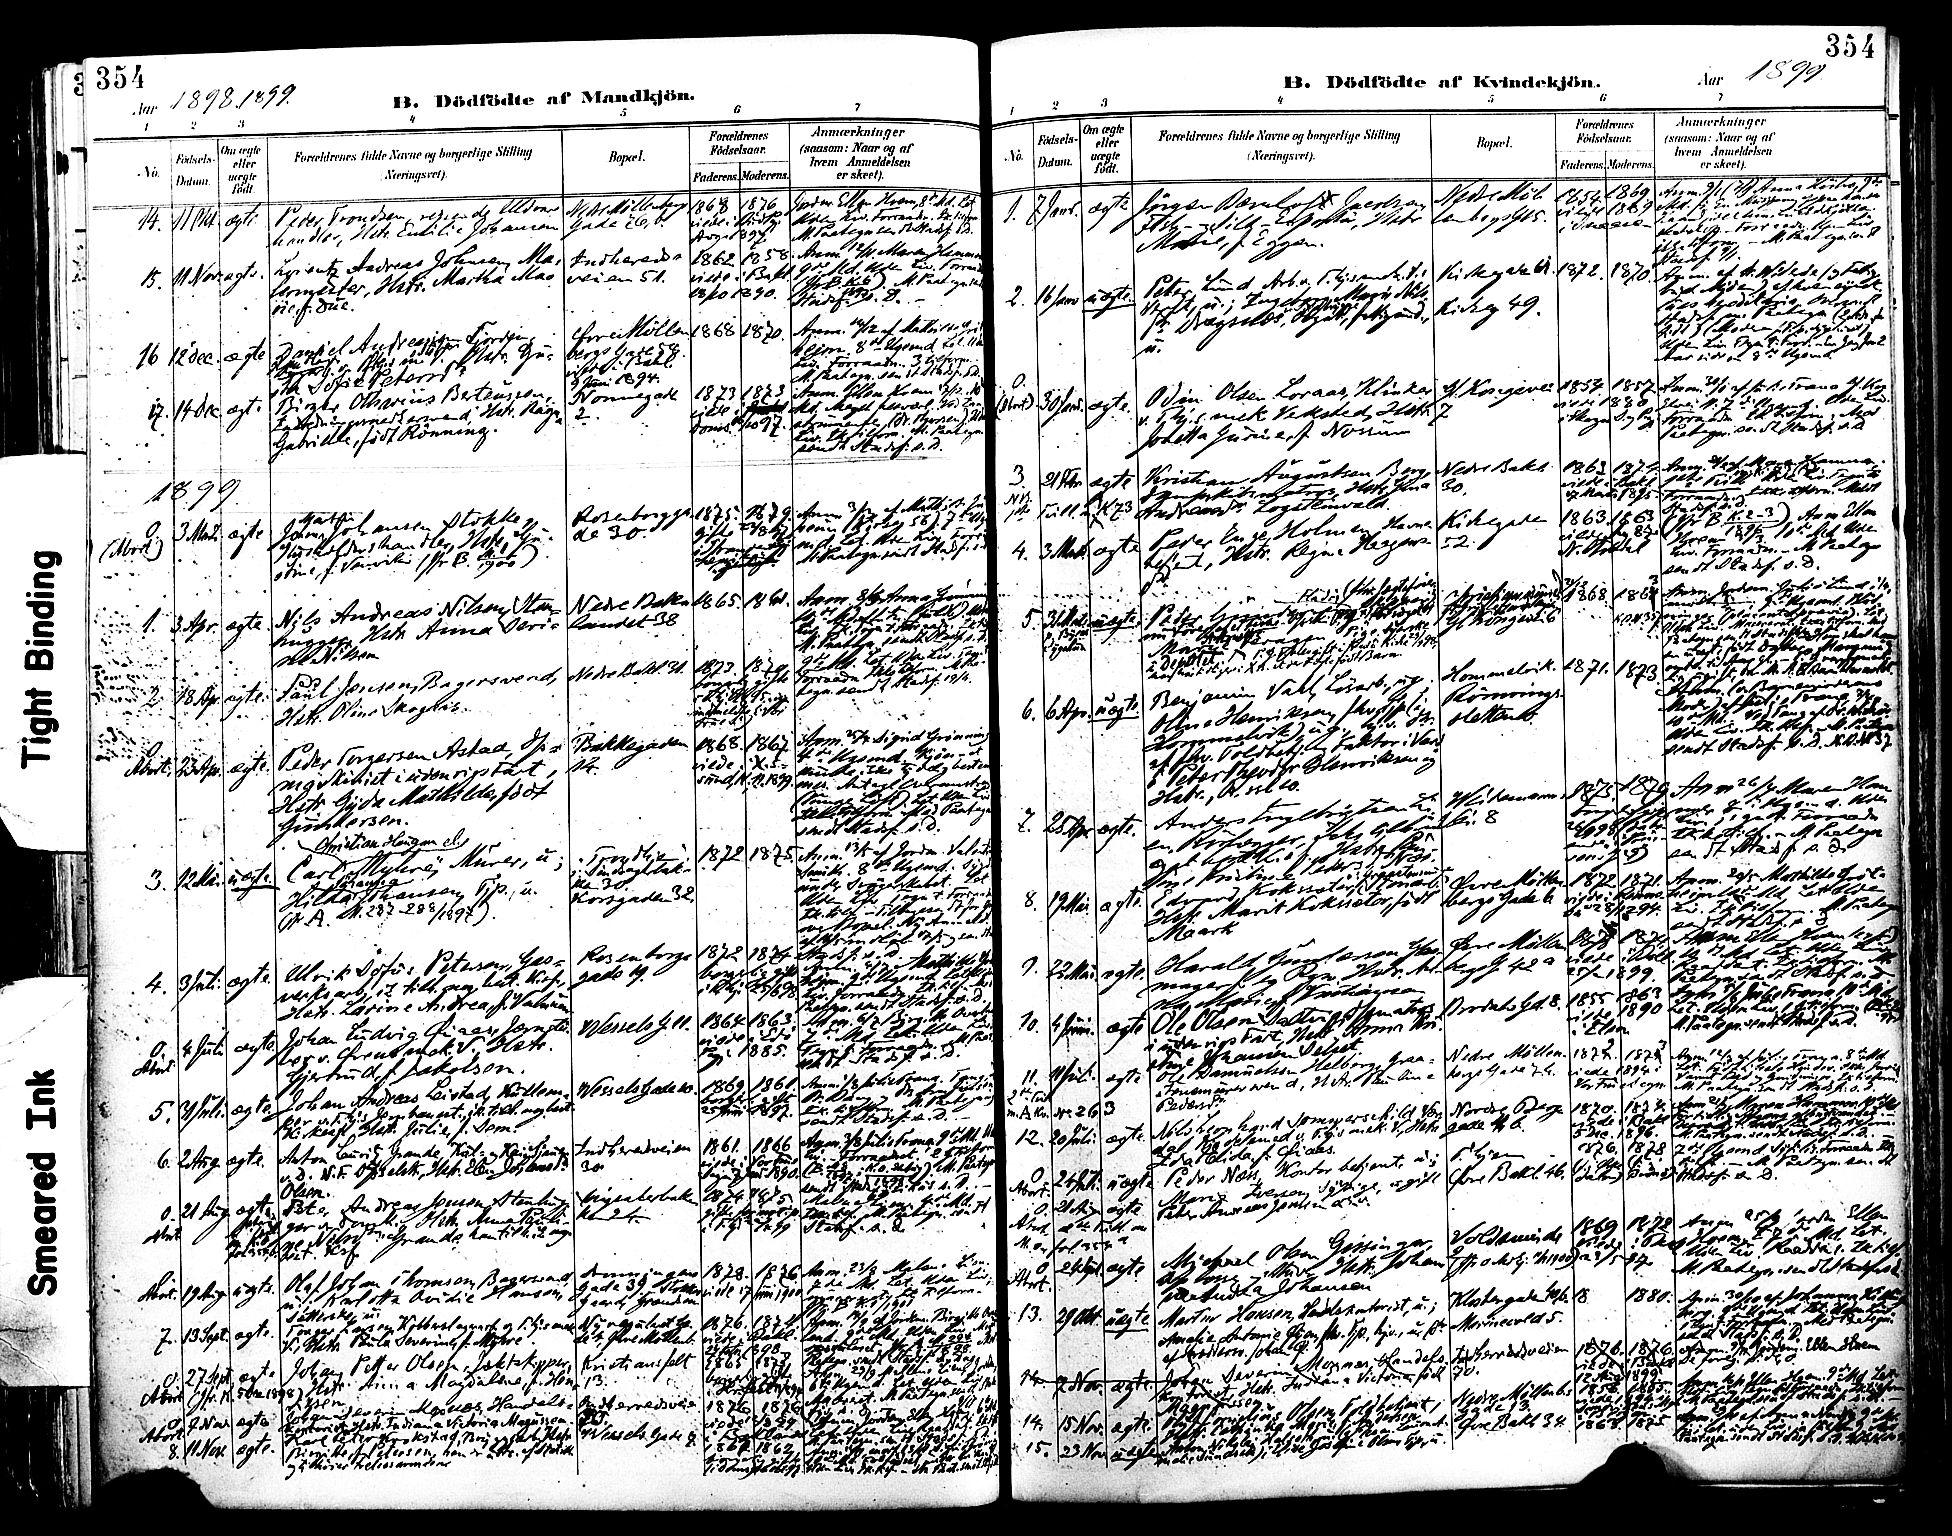 SAT, Ministerialprotokoller, klokkerbøker og fødselsregistre - Sør-Trøndelag, 604/L0197: Ministerialbok nr. 604A18, 1893-1900, s. 354